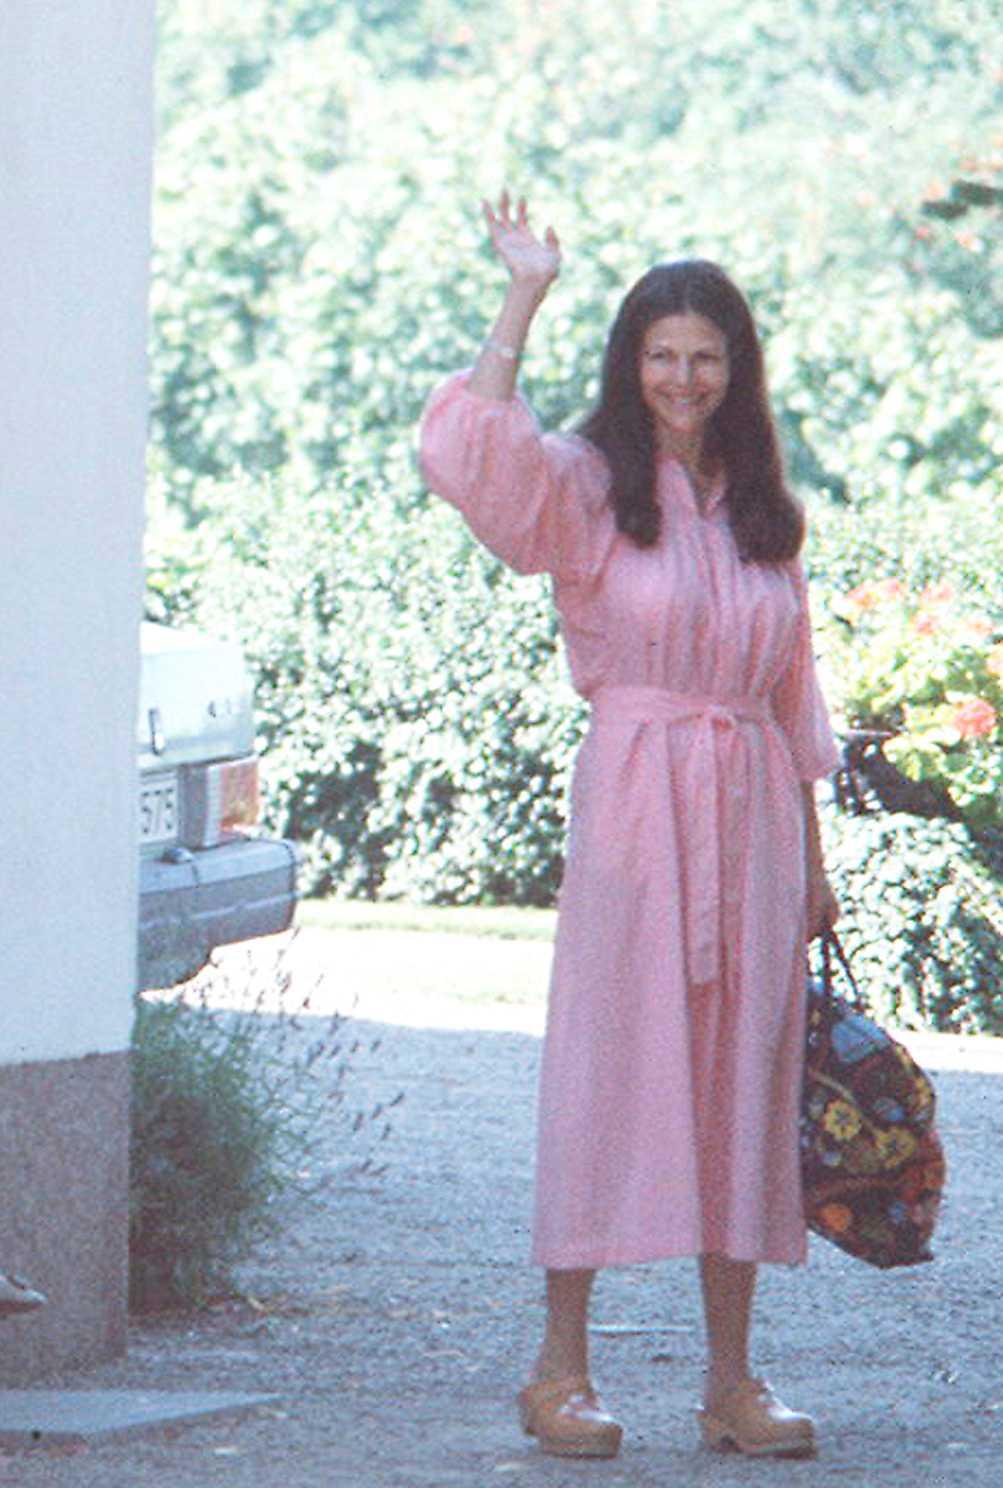 """Silvia Sommerlath 1979 PB: """"Få kvinnor är så eleganta som Silvia. Hon skulle i princip komma undan med vad som helst. Den här rosa klänningen skulle lika gärna kunna vara en skapelse från Rodebjers aktuella kollektion, tidlös och vacker som alltid.""""  NJ: """"Drottningen är precis som Pamela säger otroligt elegant, då som nu. Otroligt vacker i sitt långa mörka hår här och den rosa skjort/rock-klänningen gör henne cool som ingen annan. Trendigt värre."""""""